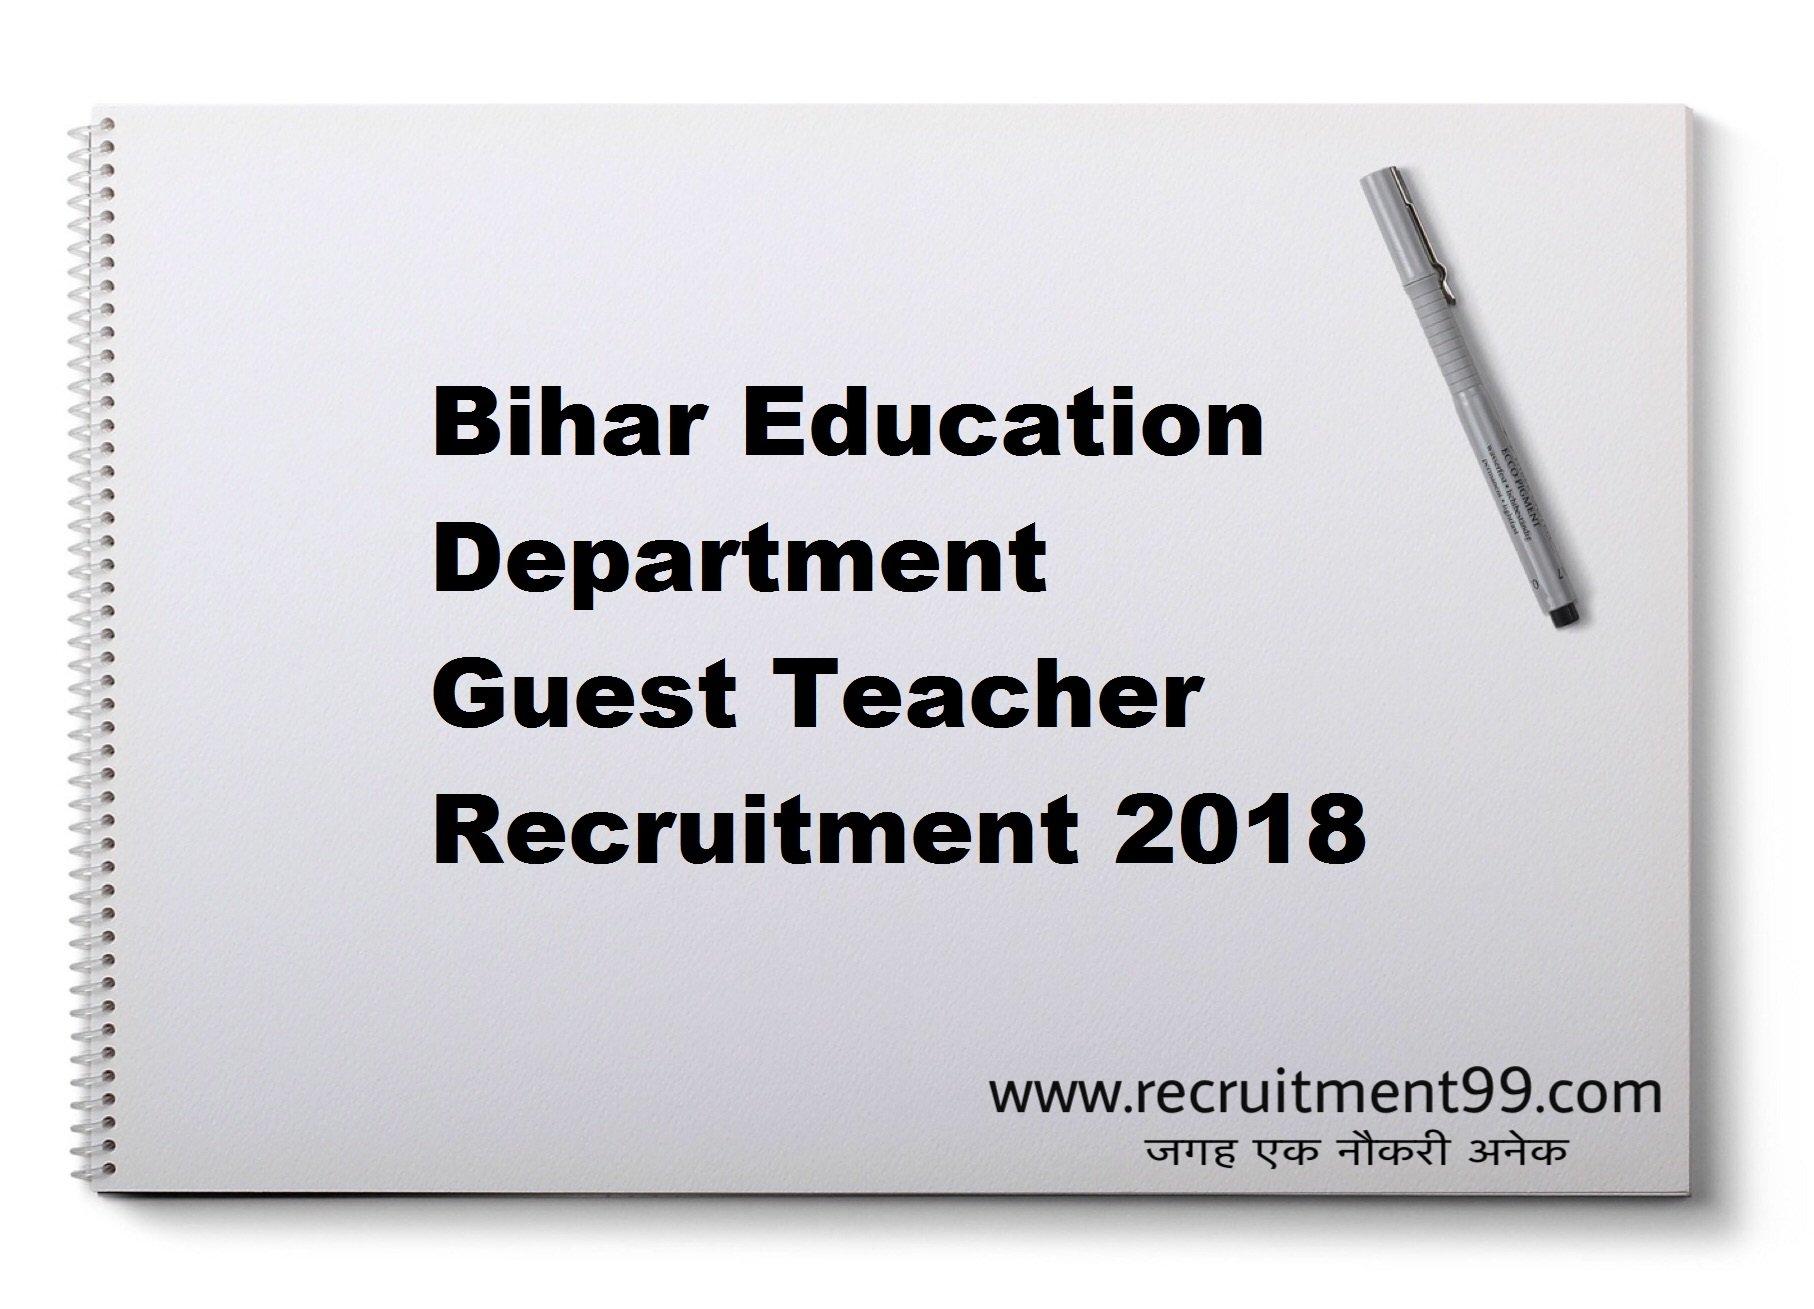 Bihar Education Department Guest Teacher Recruitment Admit Card Result 2018